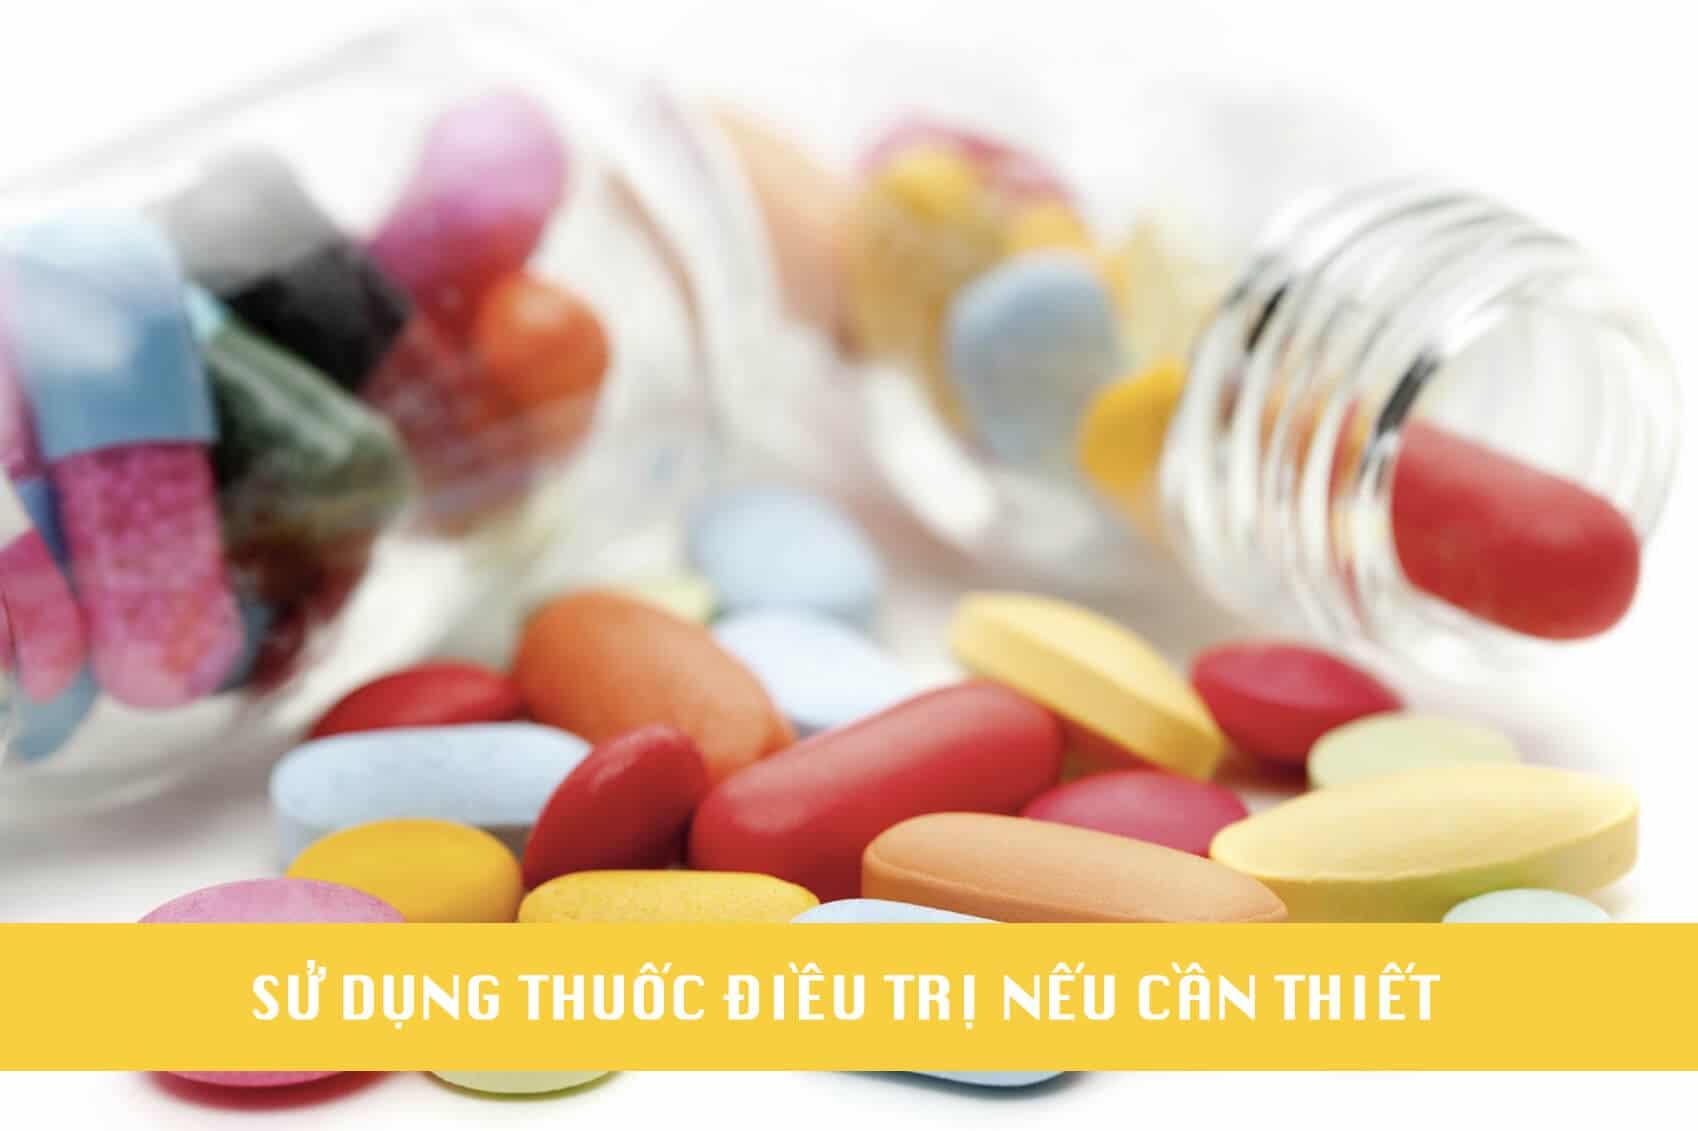 sử dụng thuốc điều trị